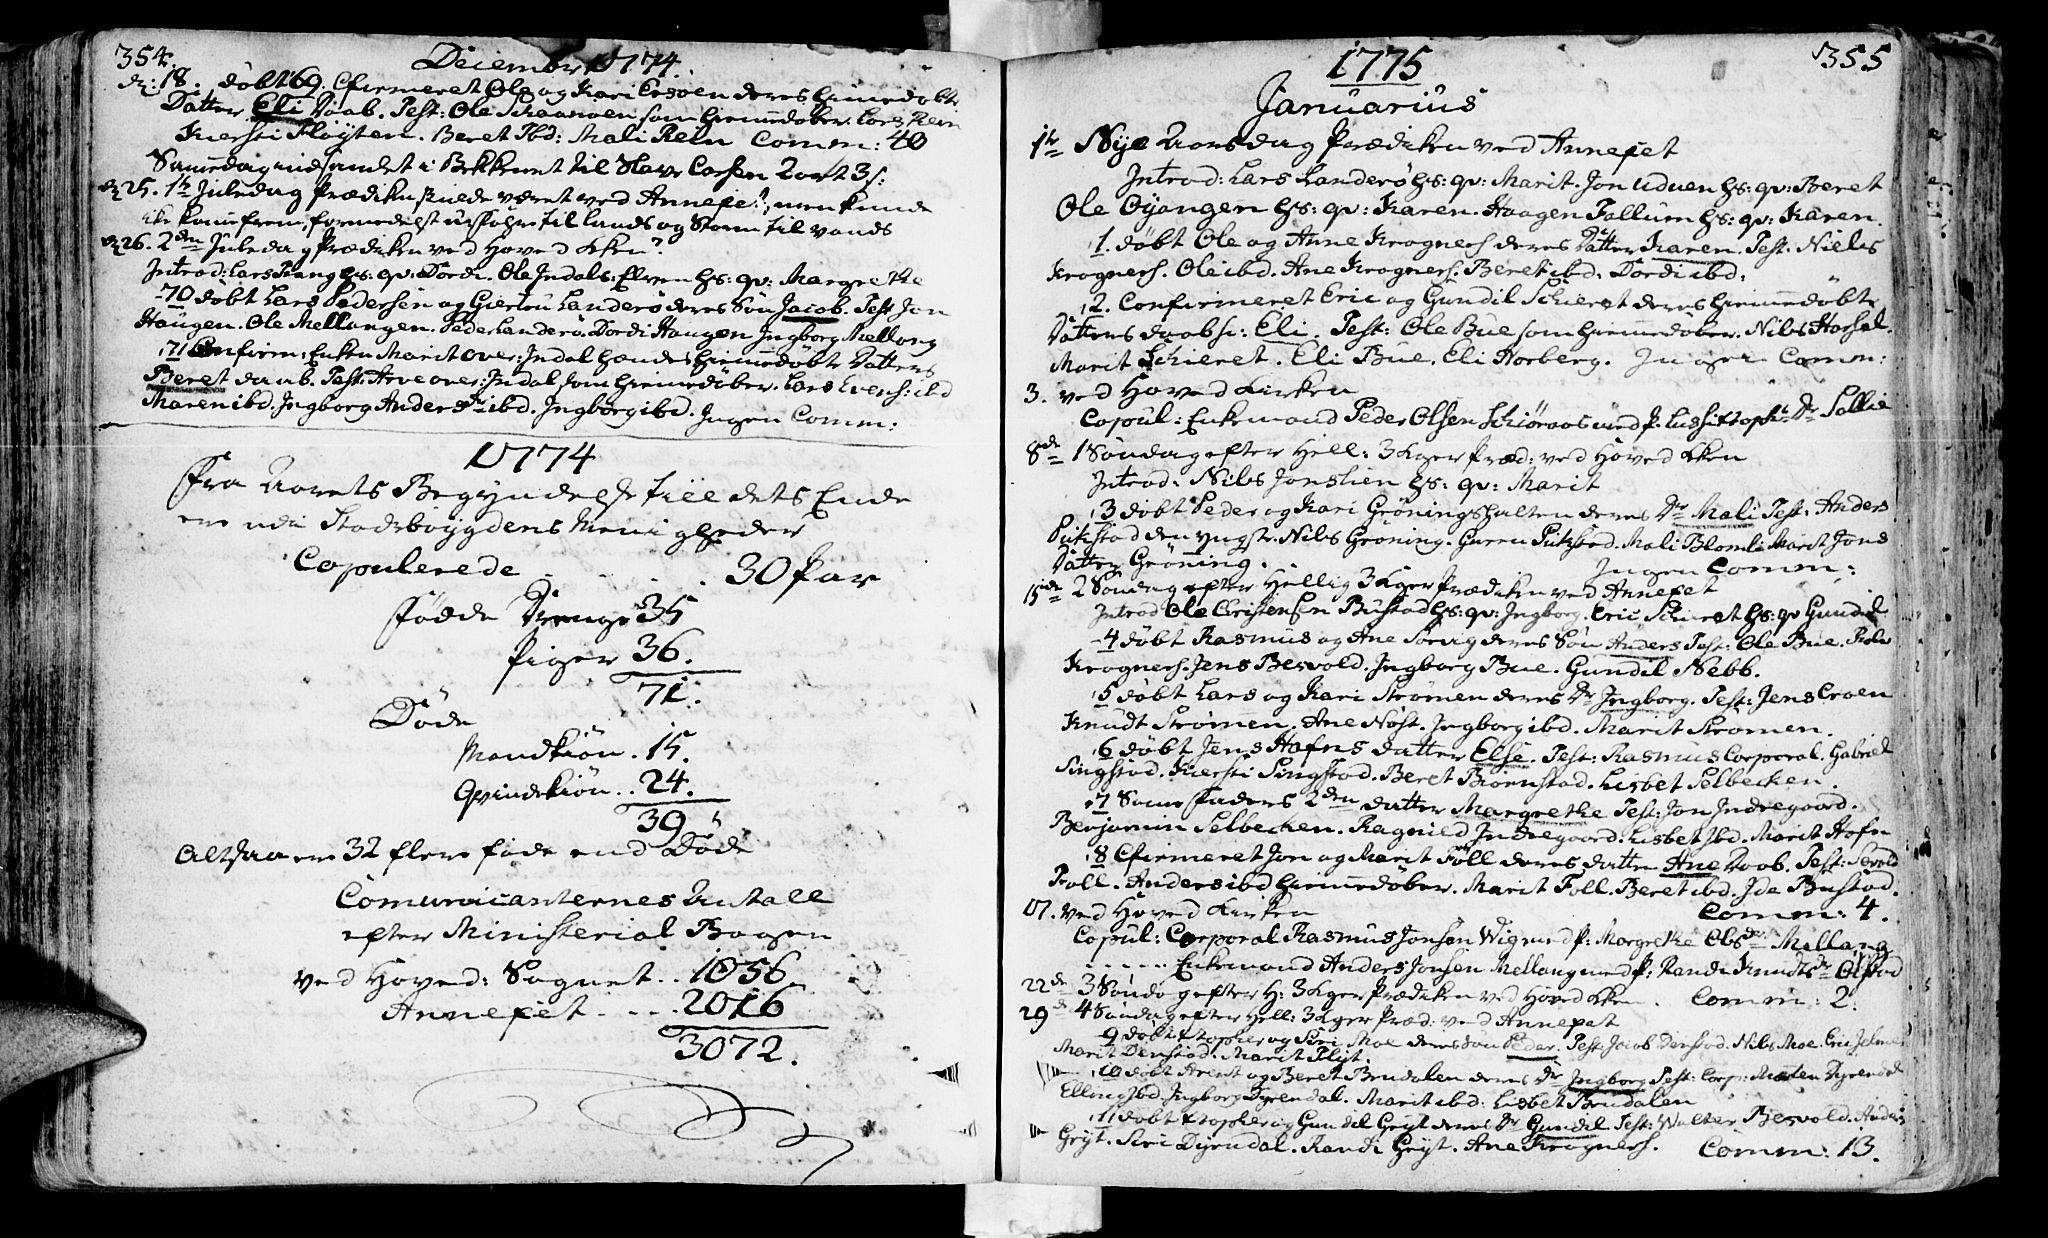 SAT, Ministerialprotokoller, klokkerbøker og fødselsregistre - Sør-Trøndelag, 646/L0605: Ministerialbok nr. 646A03, 1751-1790, s. 354-355